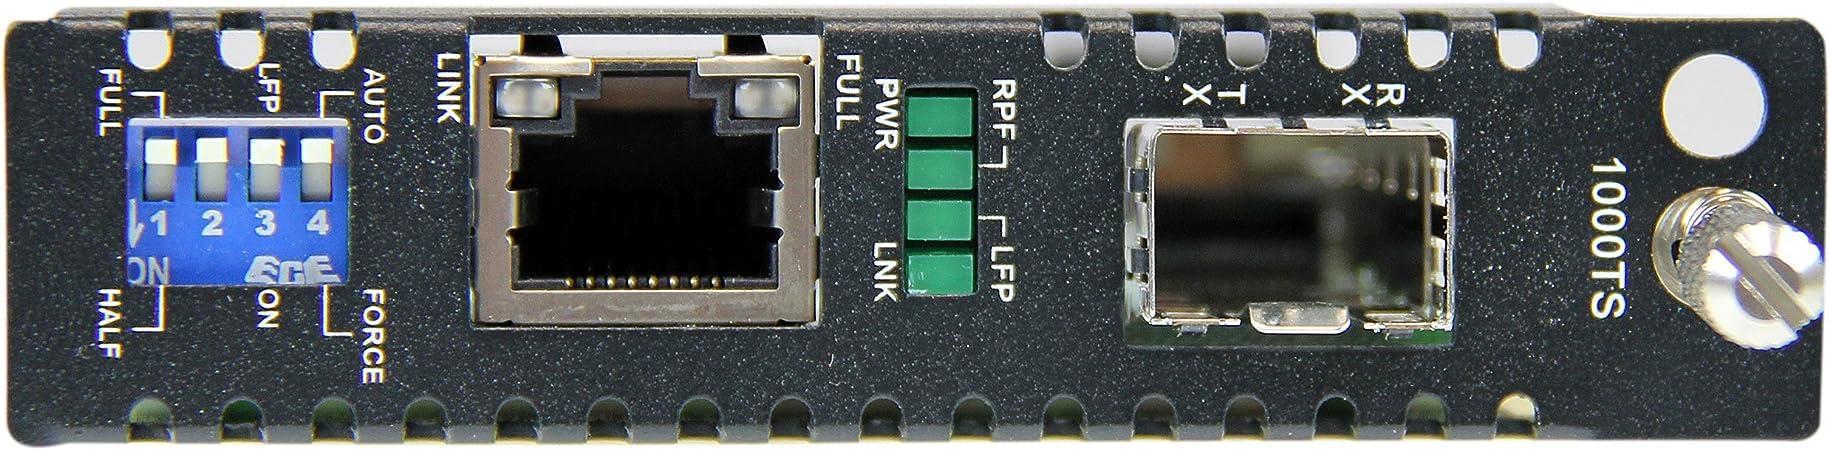 2 RJ45 Stecker Elfcam/® zum Anschlu/ß von LWL-Singlemode Kabeln mit SC-Steckern 20KM SFP 2 St/ück Gigabit Ethernet LWL Medienkonverter Glasfaser 10//100//1000 Mbps inklusive Mini-GBIC